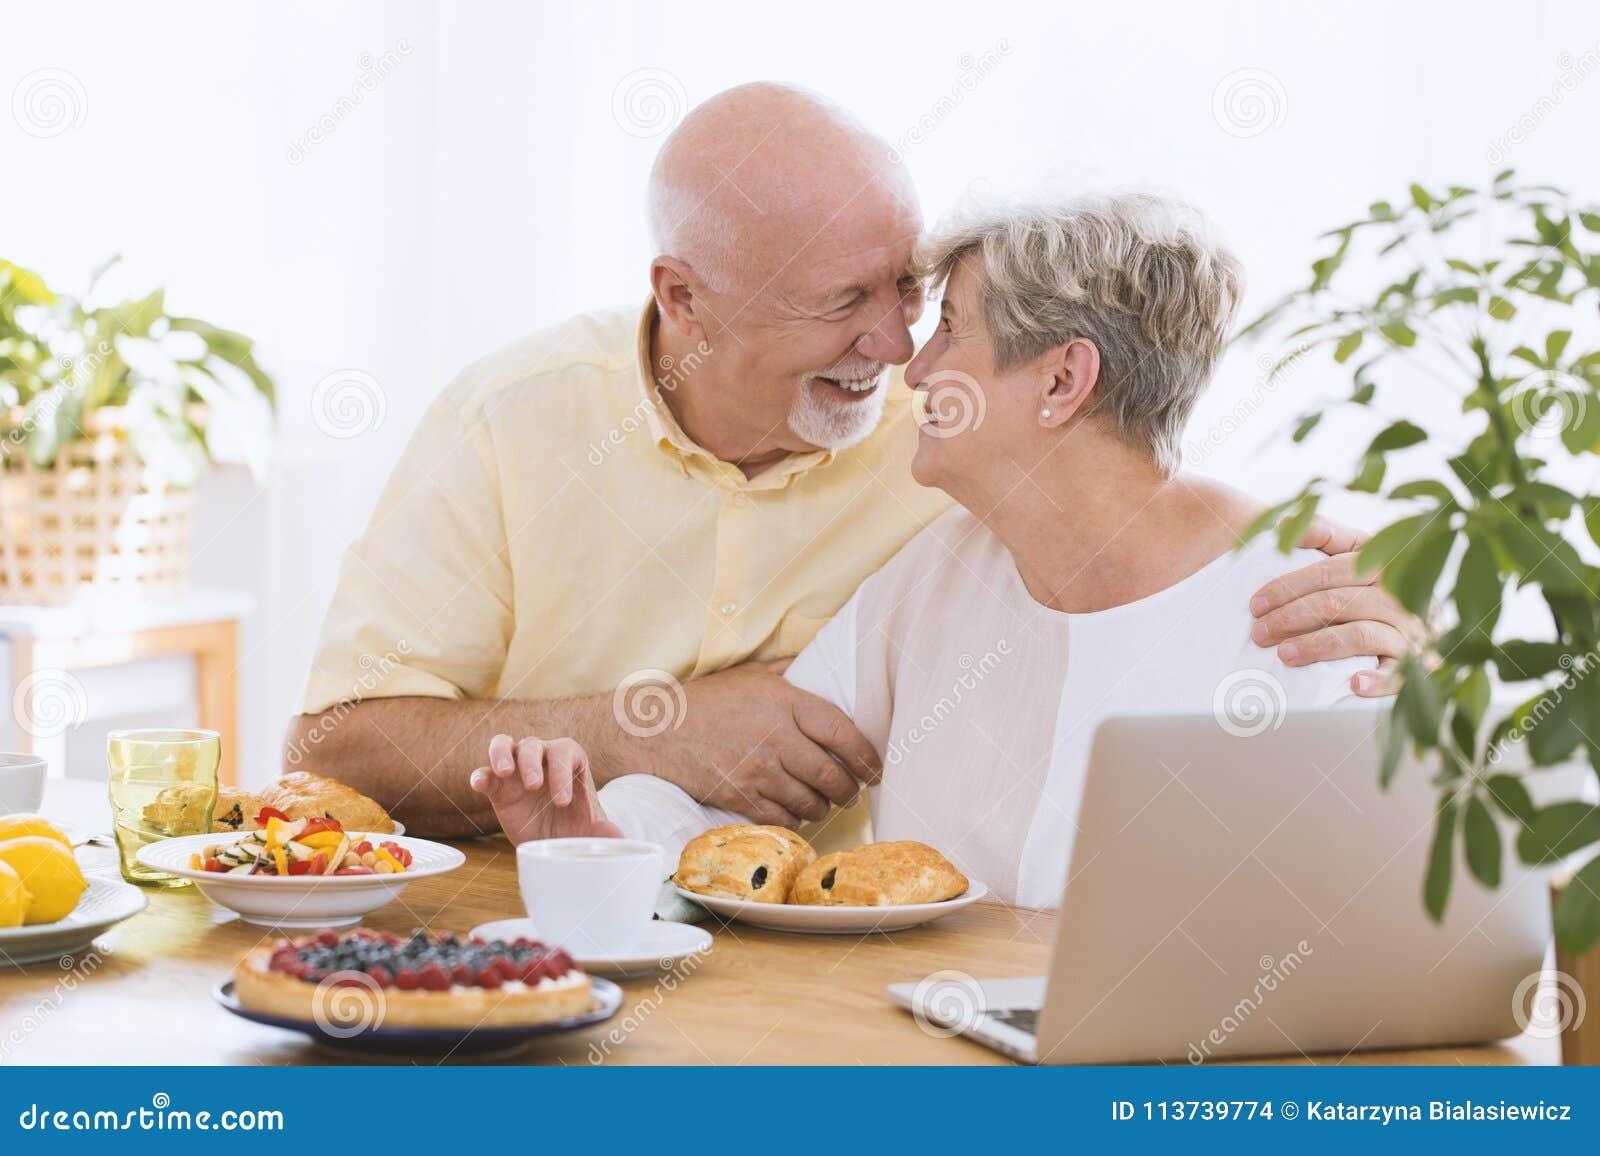 Reizendes älteres Paarumarmen